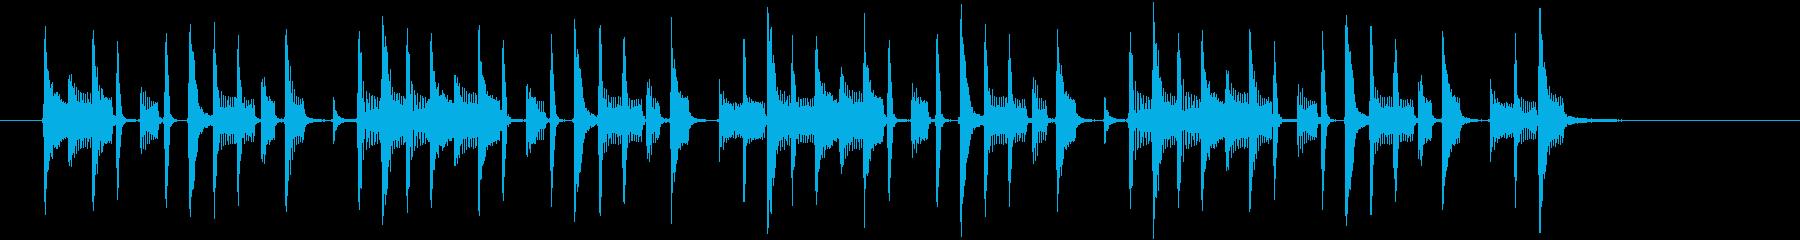 パーカッションの南国風ボサノバの再生済みの波形